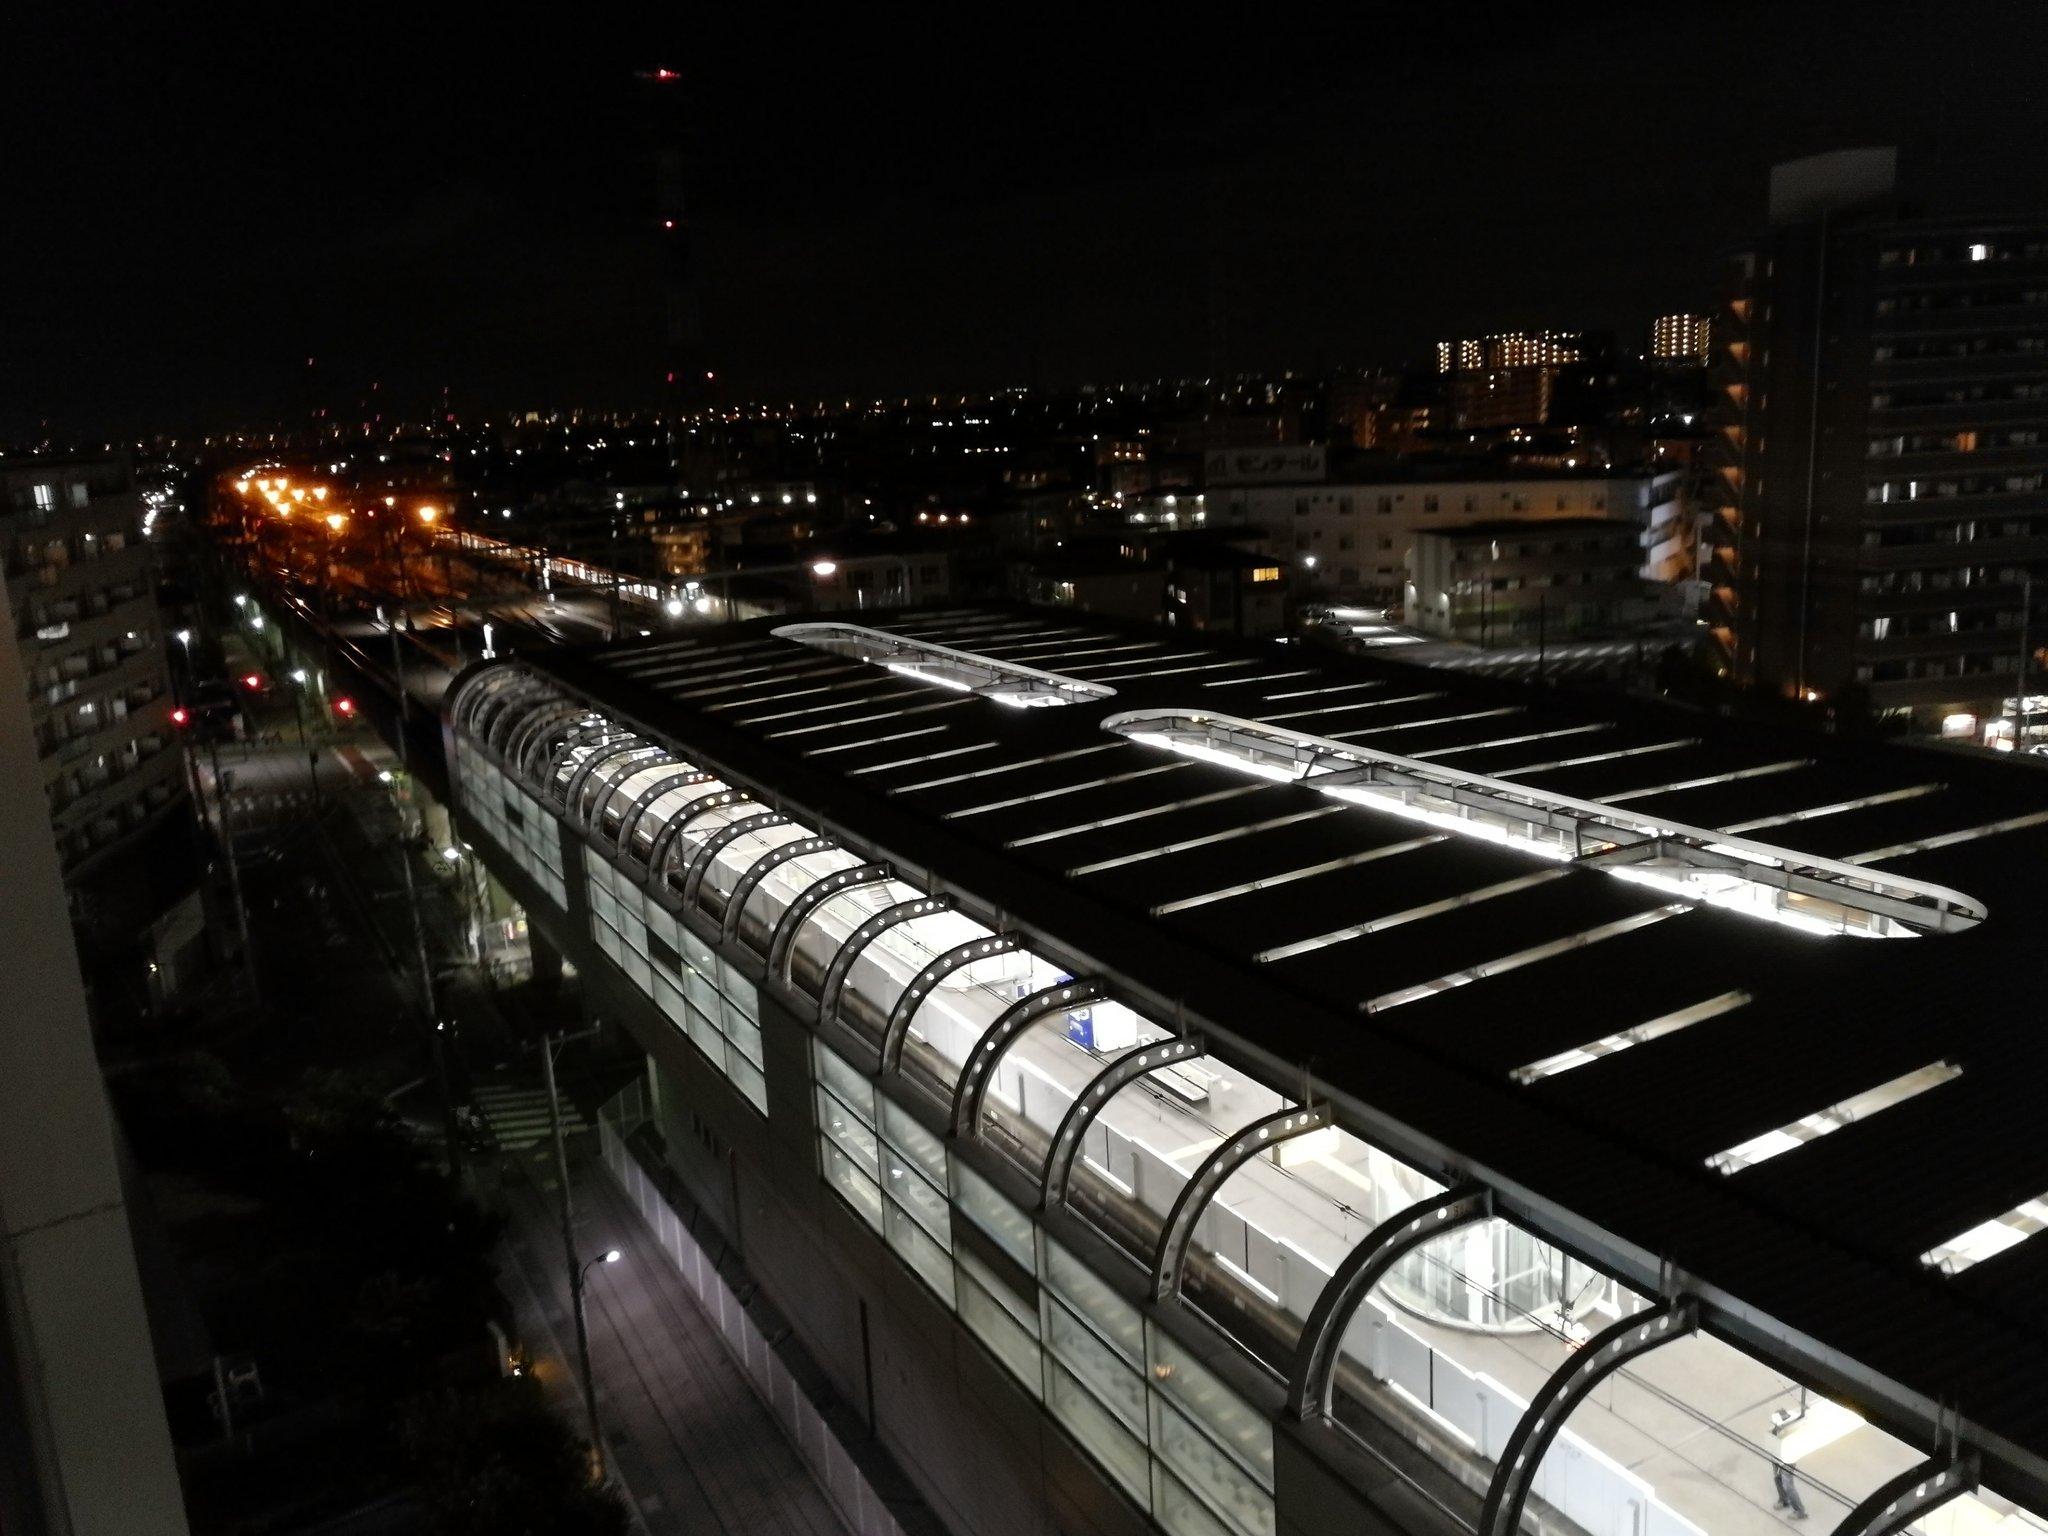 画像,つくばエクスプレス 八潮駅で人身事故とのこと。うちのマンションから駅が見える。なんか電車へんなとこで止まってるな。さっきから駅からなんかの機械音がすごい。 ht…